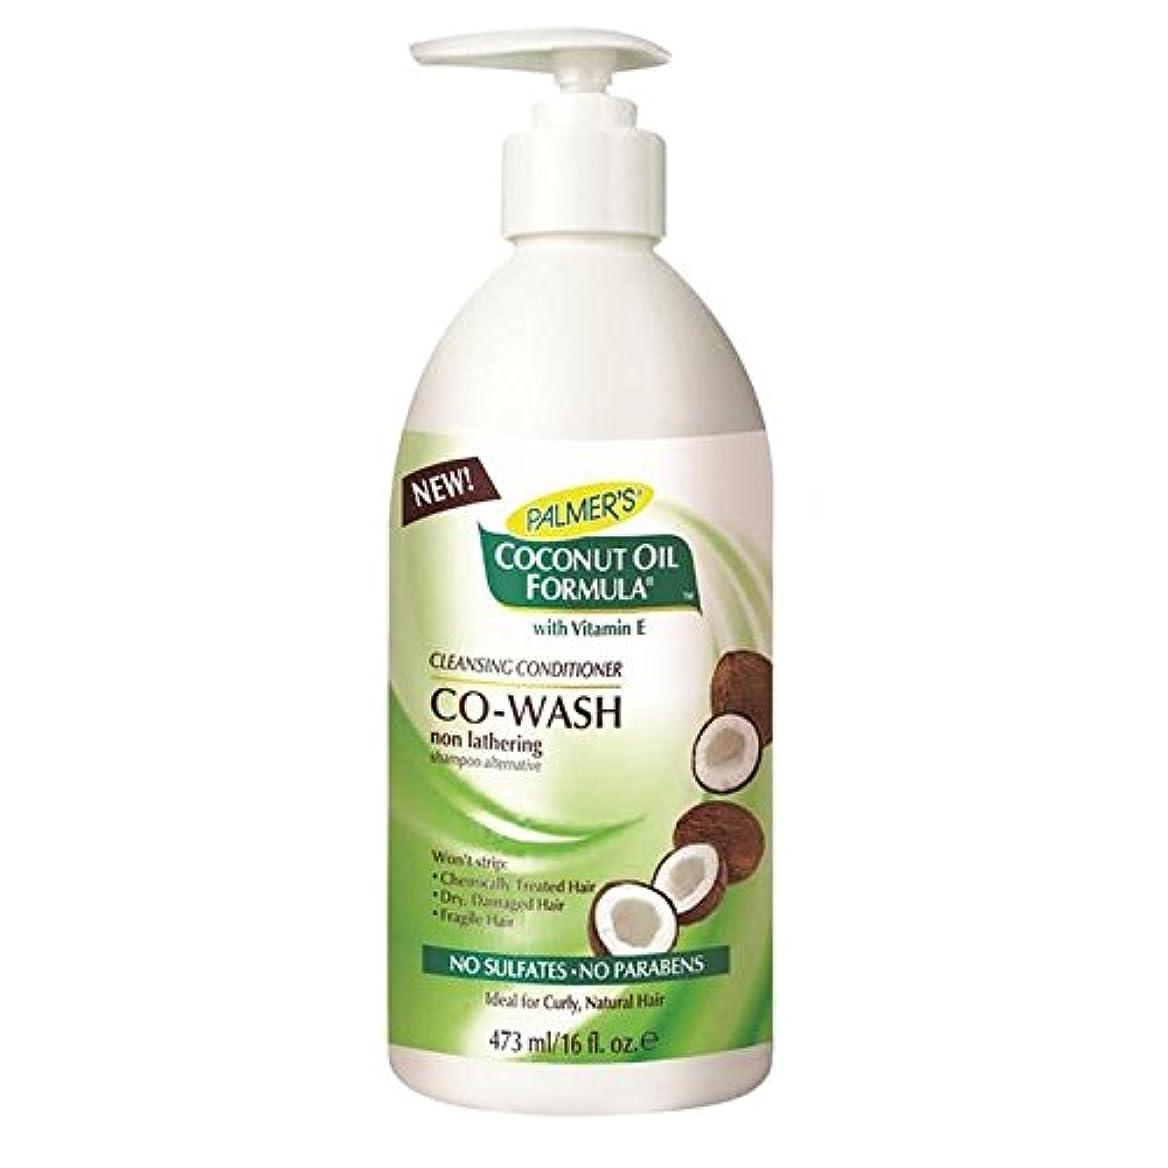 気球バッテリー飛び込むPalmer's Coconut Formula Co-Wash Cleansing Conditioner, Shampoo Alternative 473ml - パーマーのココナッツ式コウォッシュクレンジングコンディショナー...